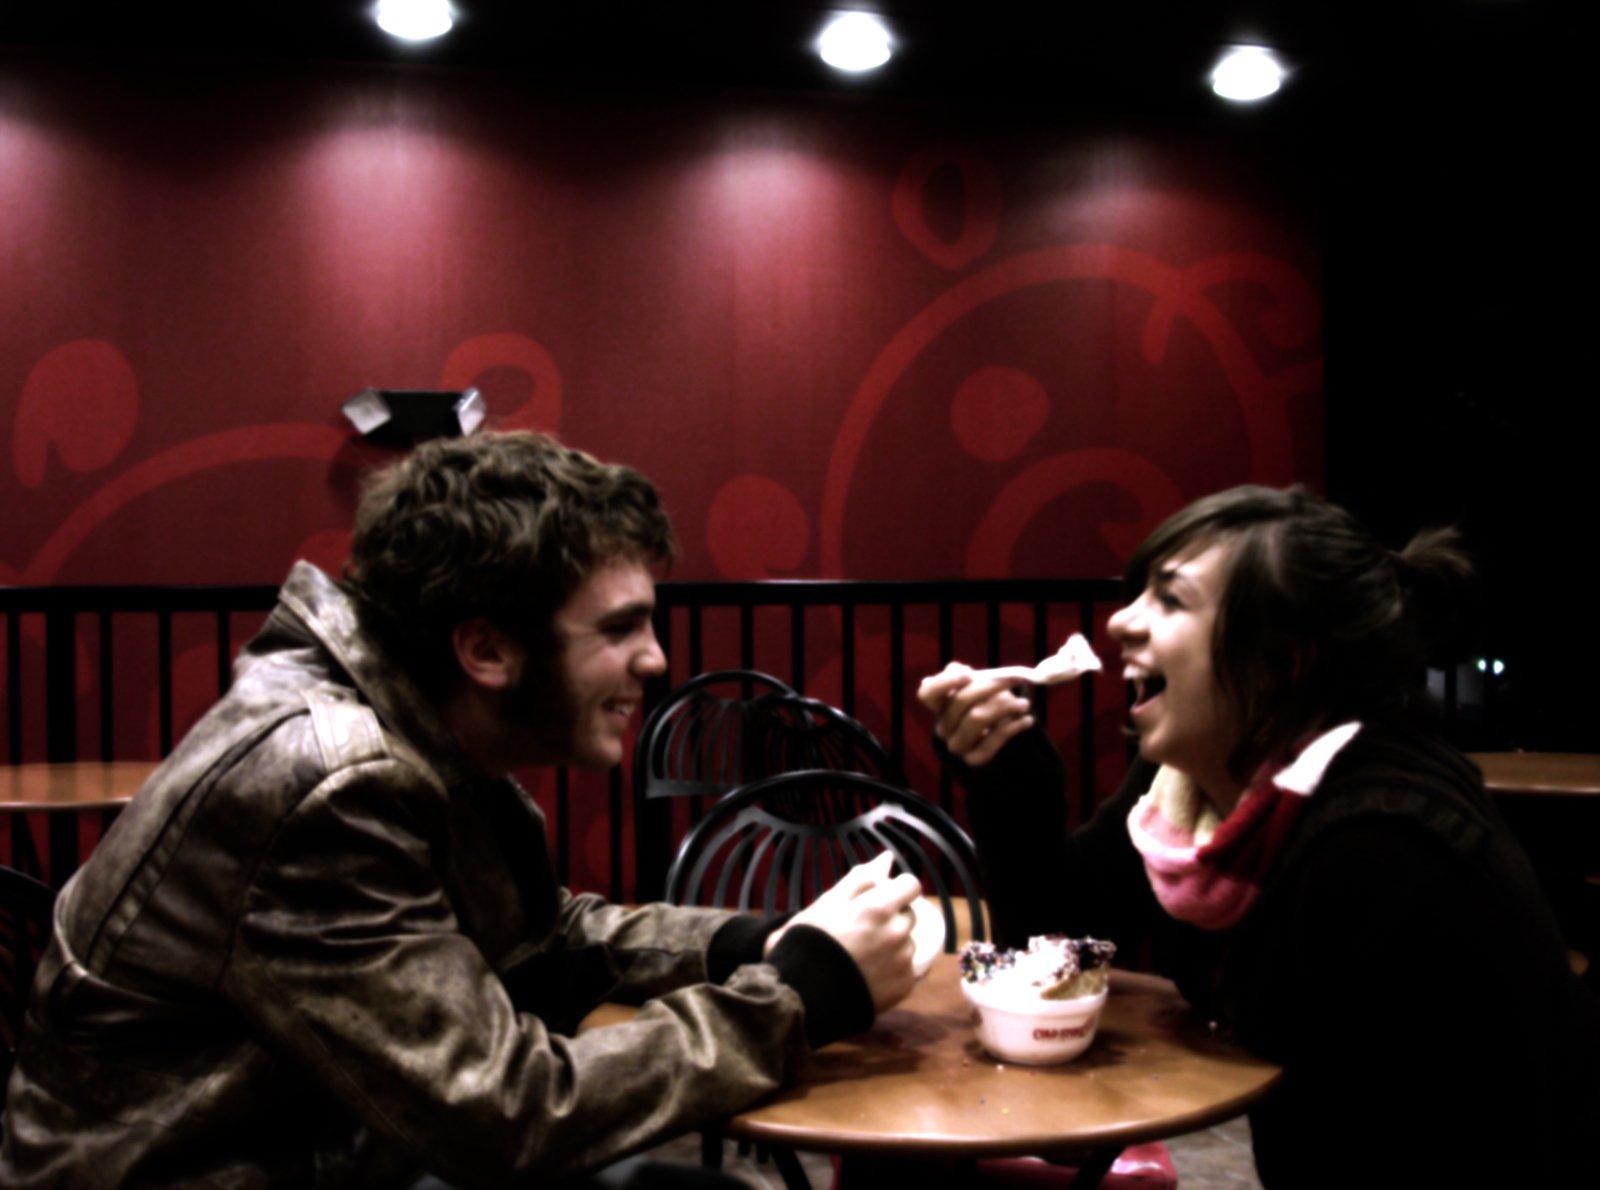 Datingoversigt.dk giver det store overblik over dating på nettet